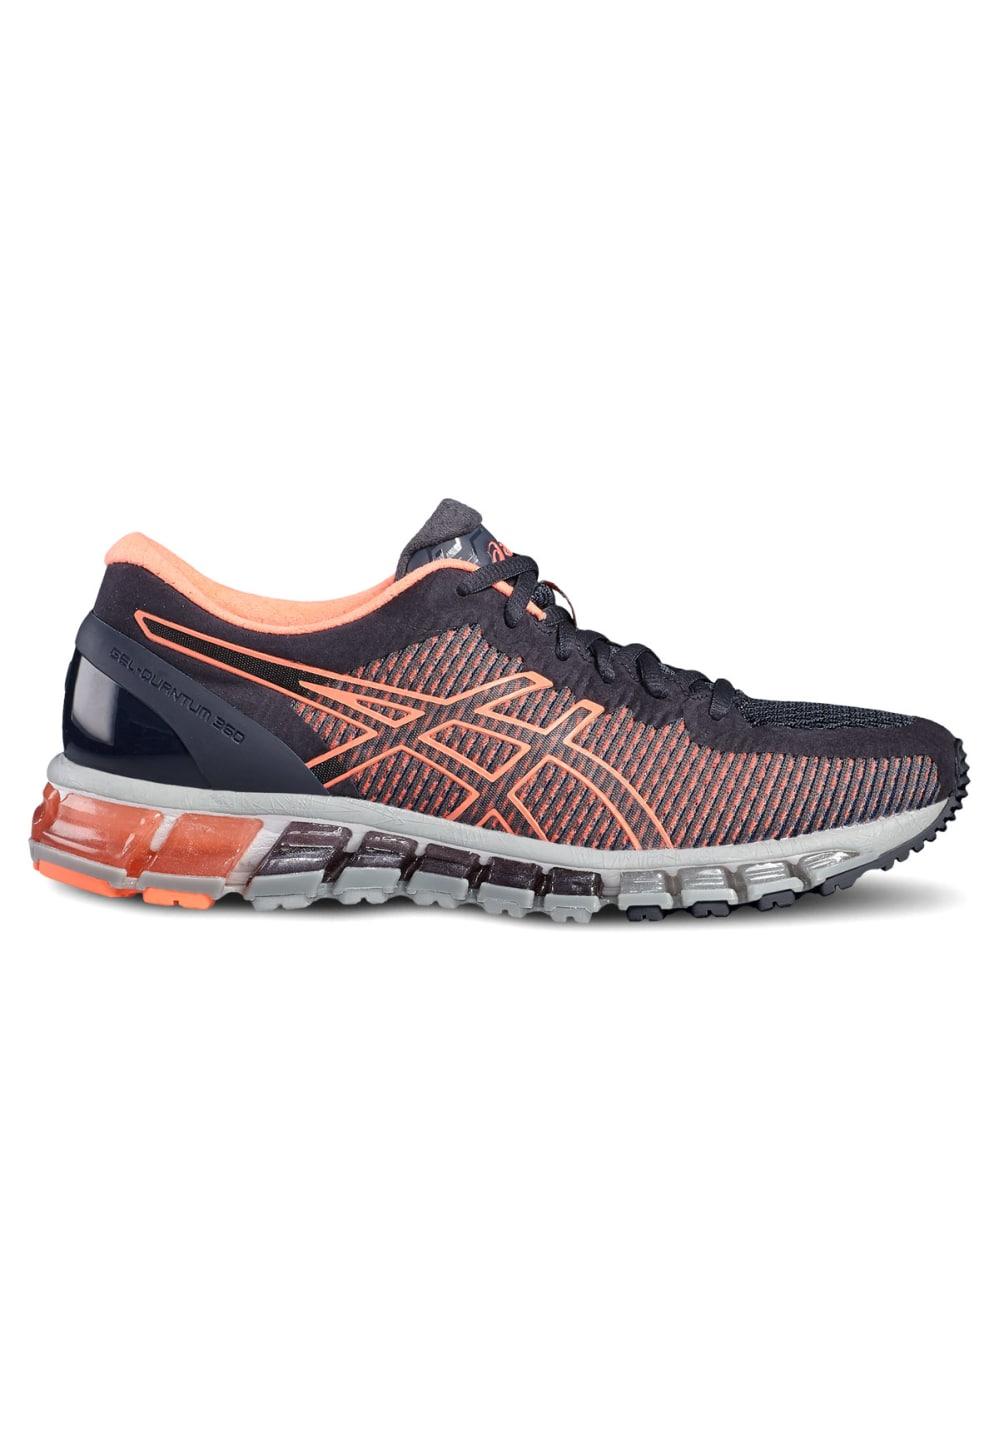 ASICS GEL Quantum 360 Cm Zapatillas de running para Mujer Gris